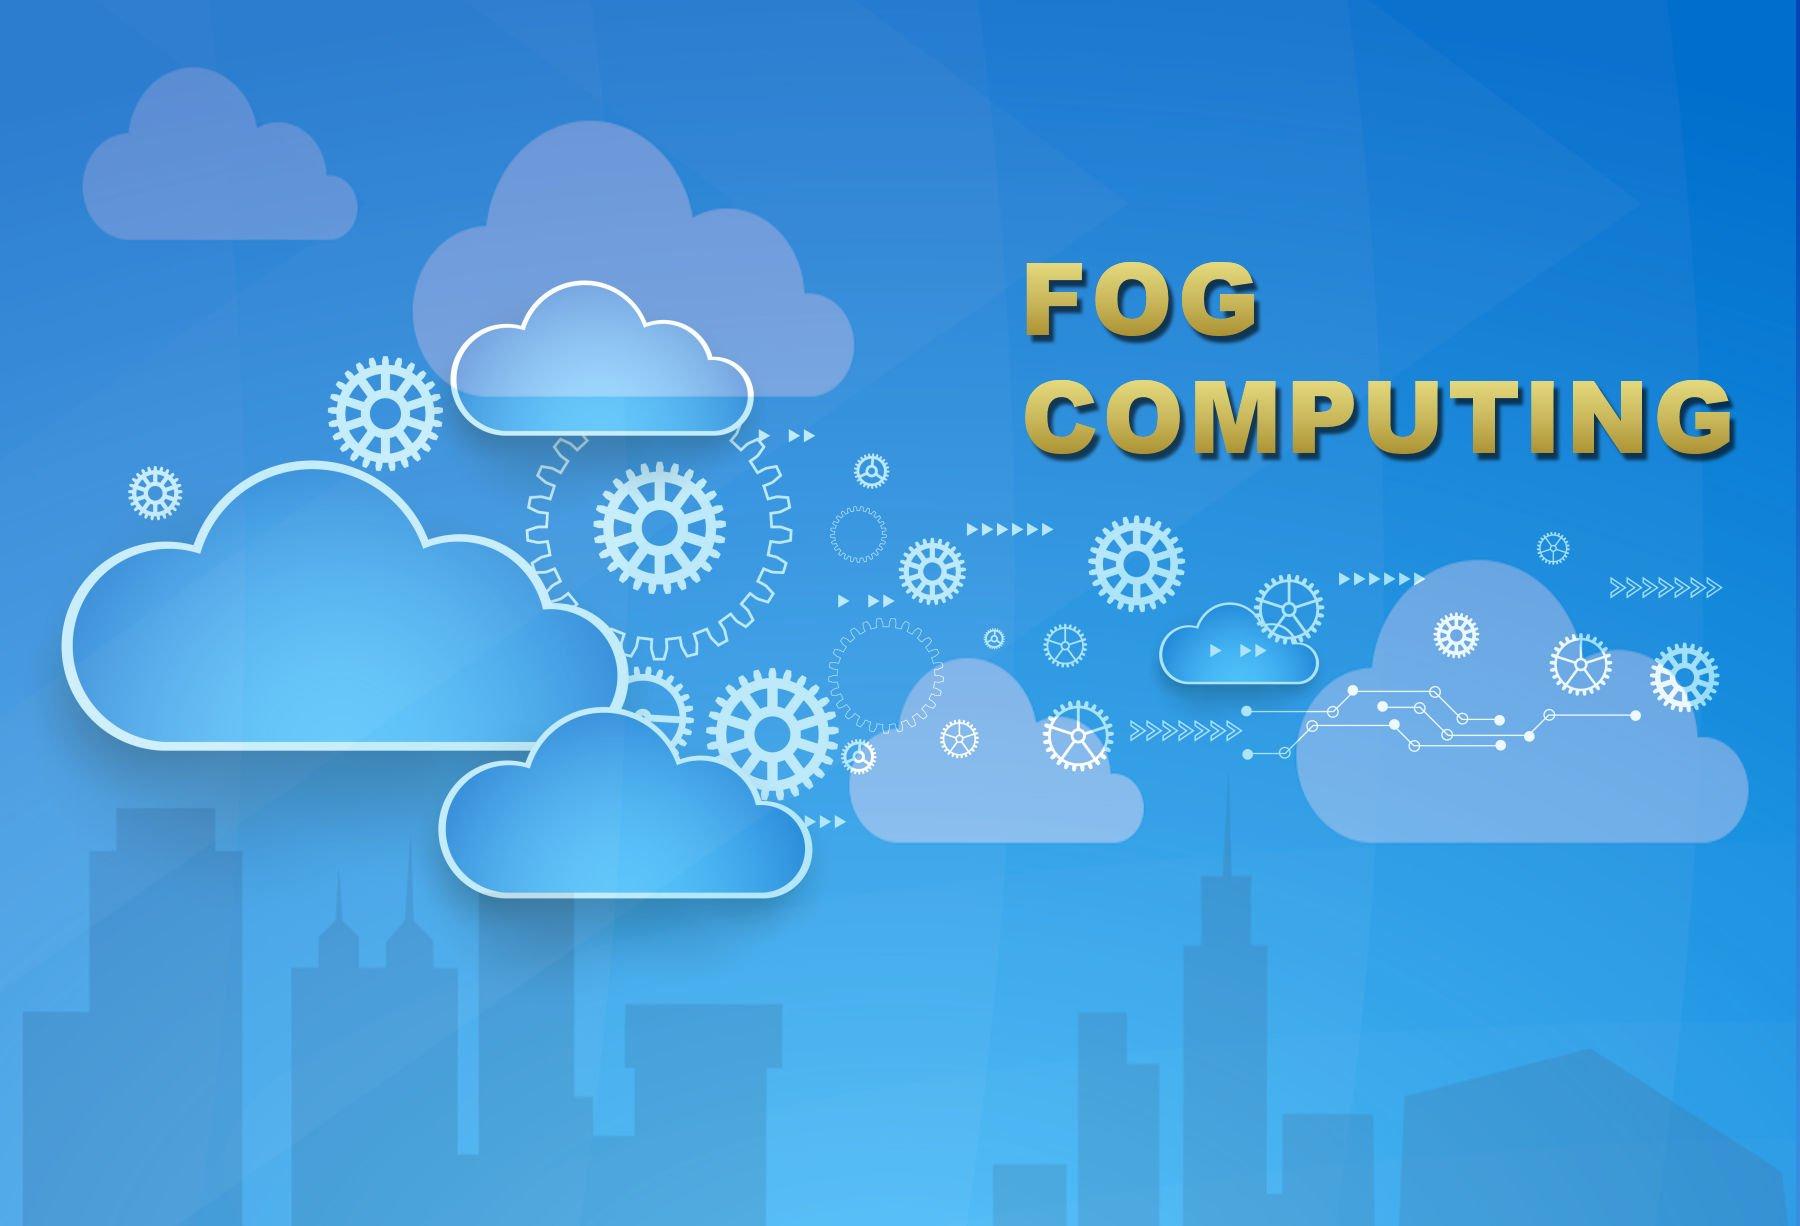 fog computing 1a